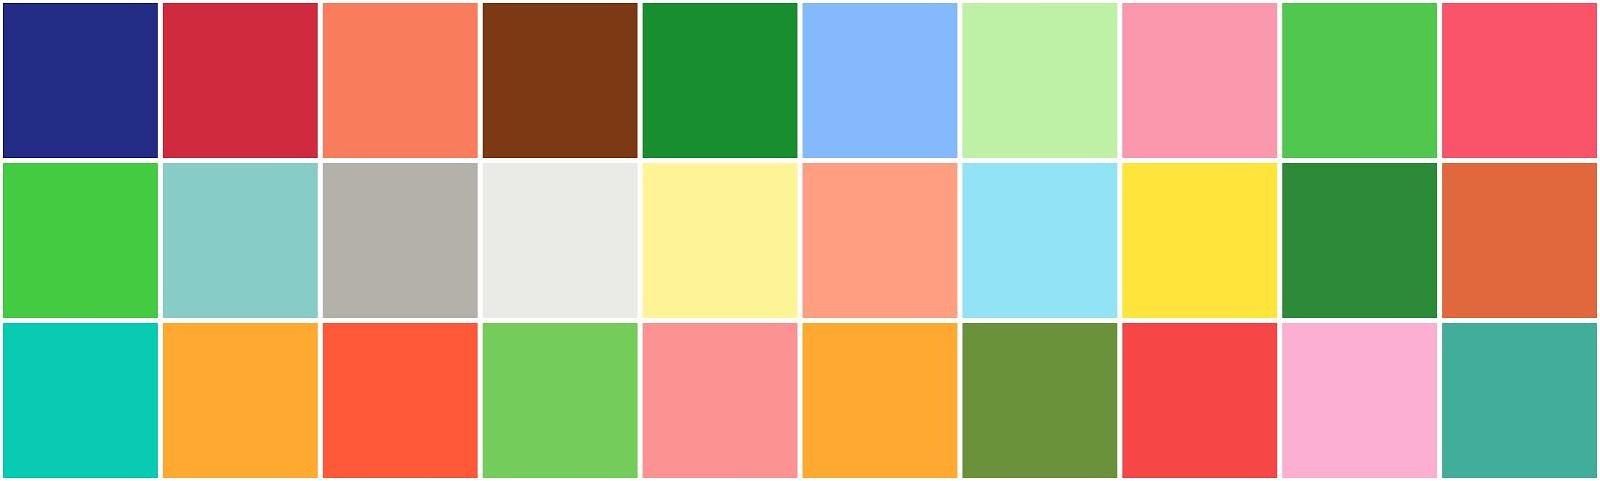 jakim typem kolorystycznym jesteś